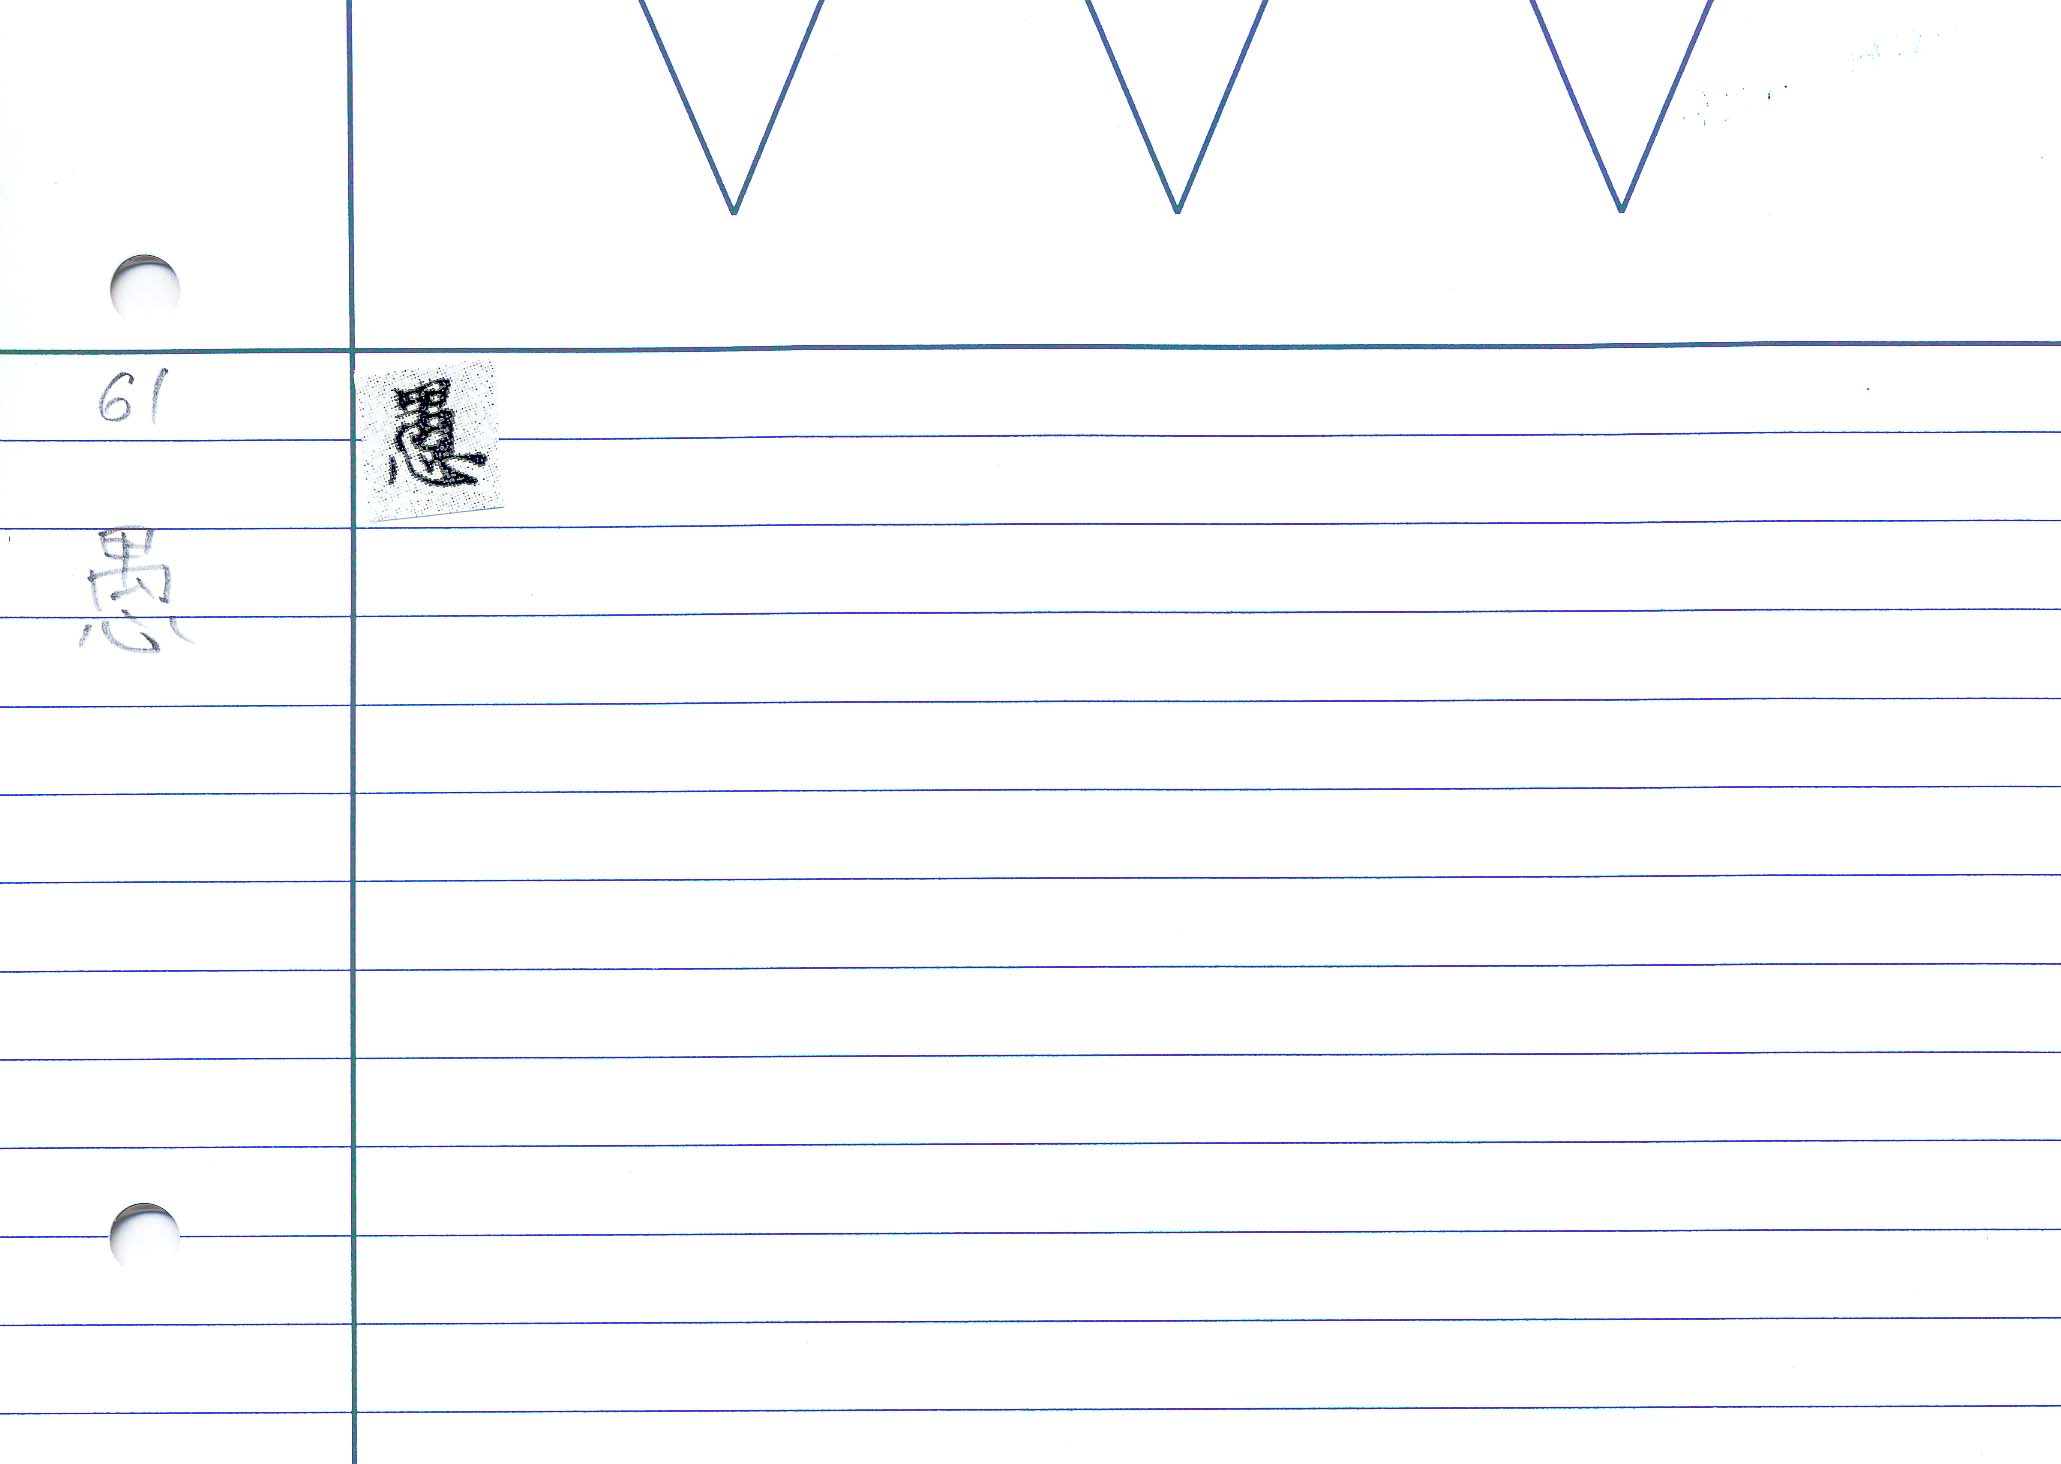 01_誠實論卷八(P.2179)/cards/0067.jpg